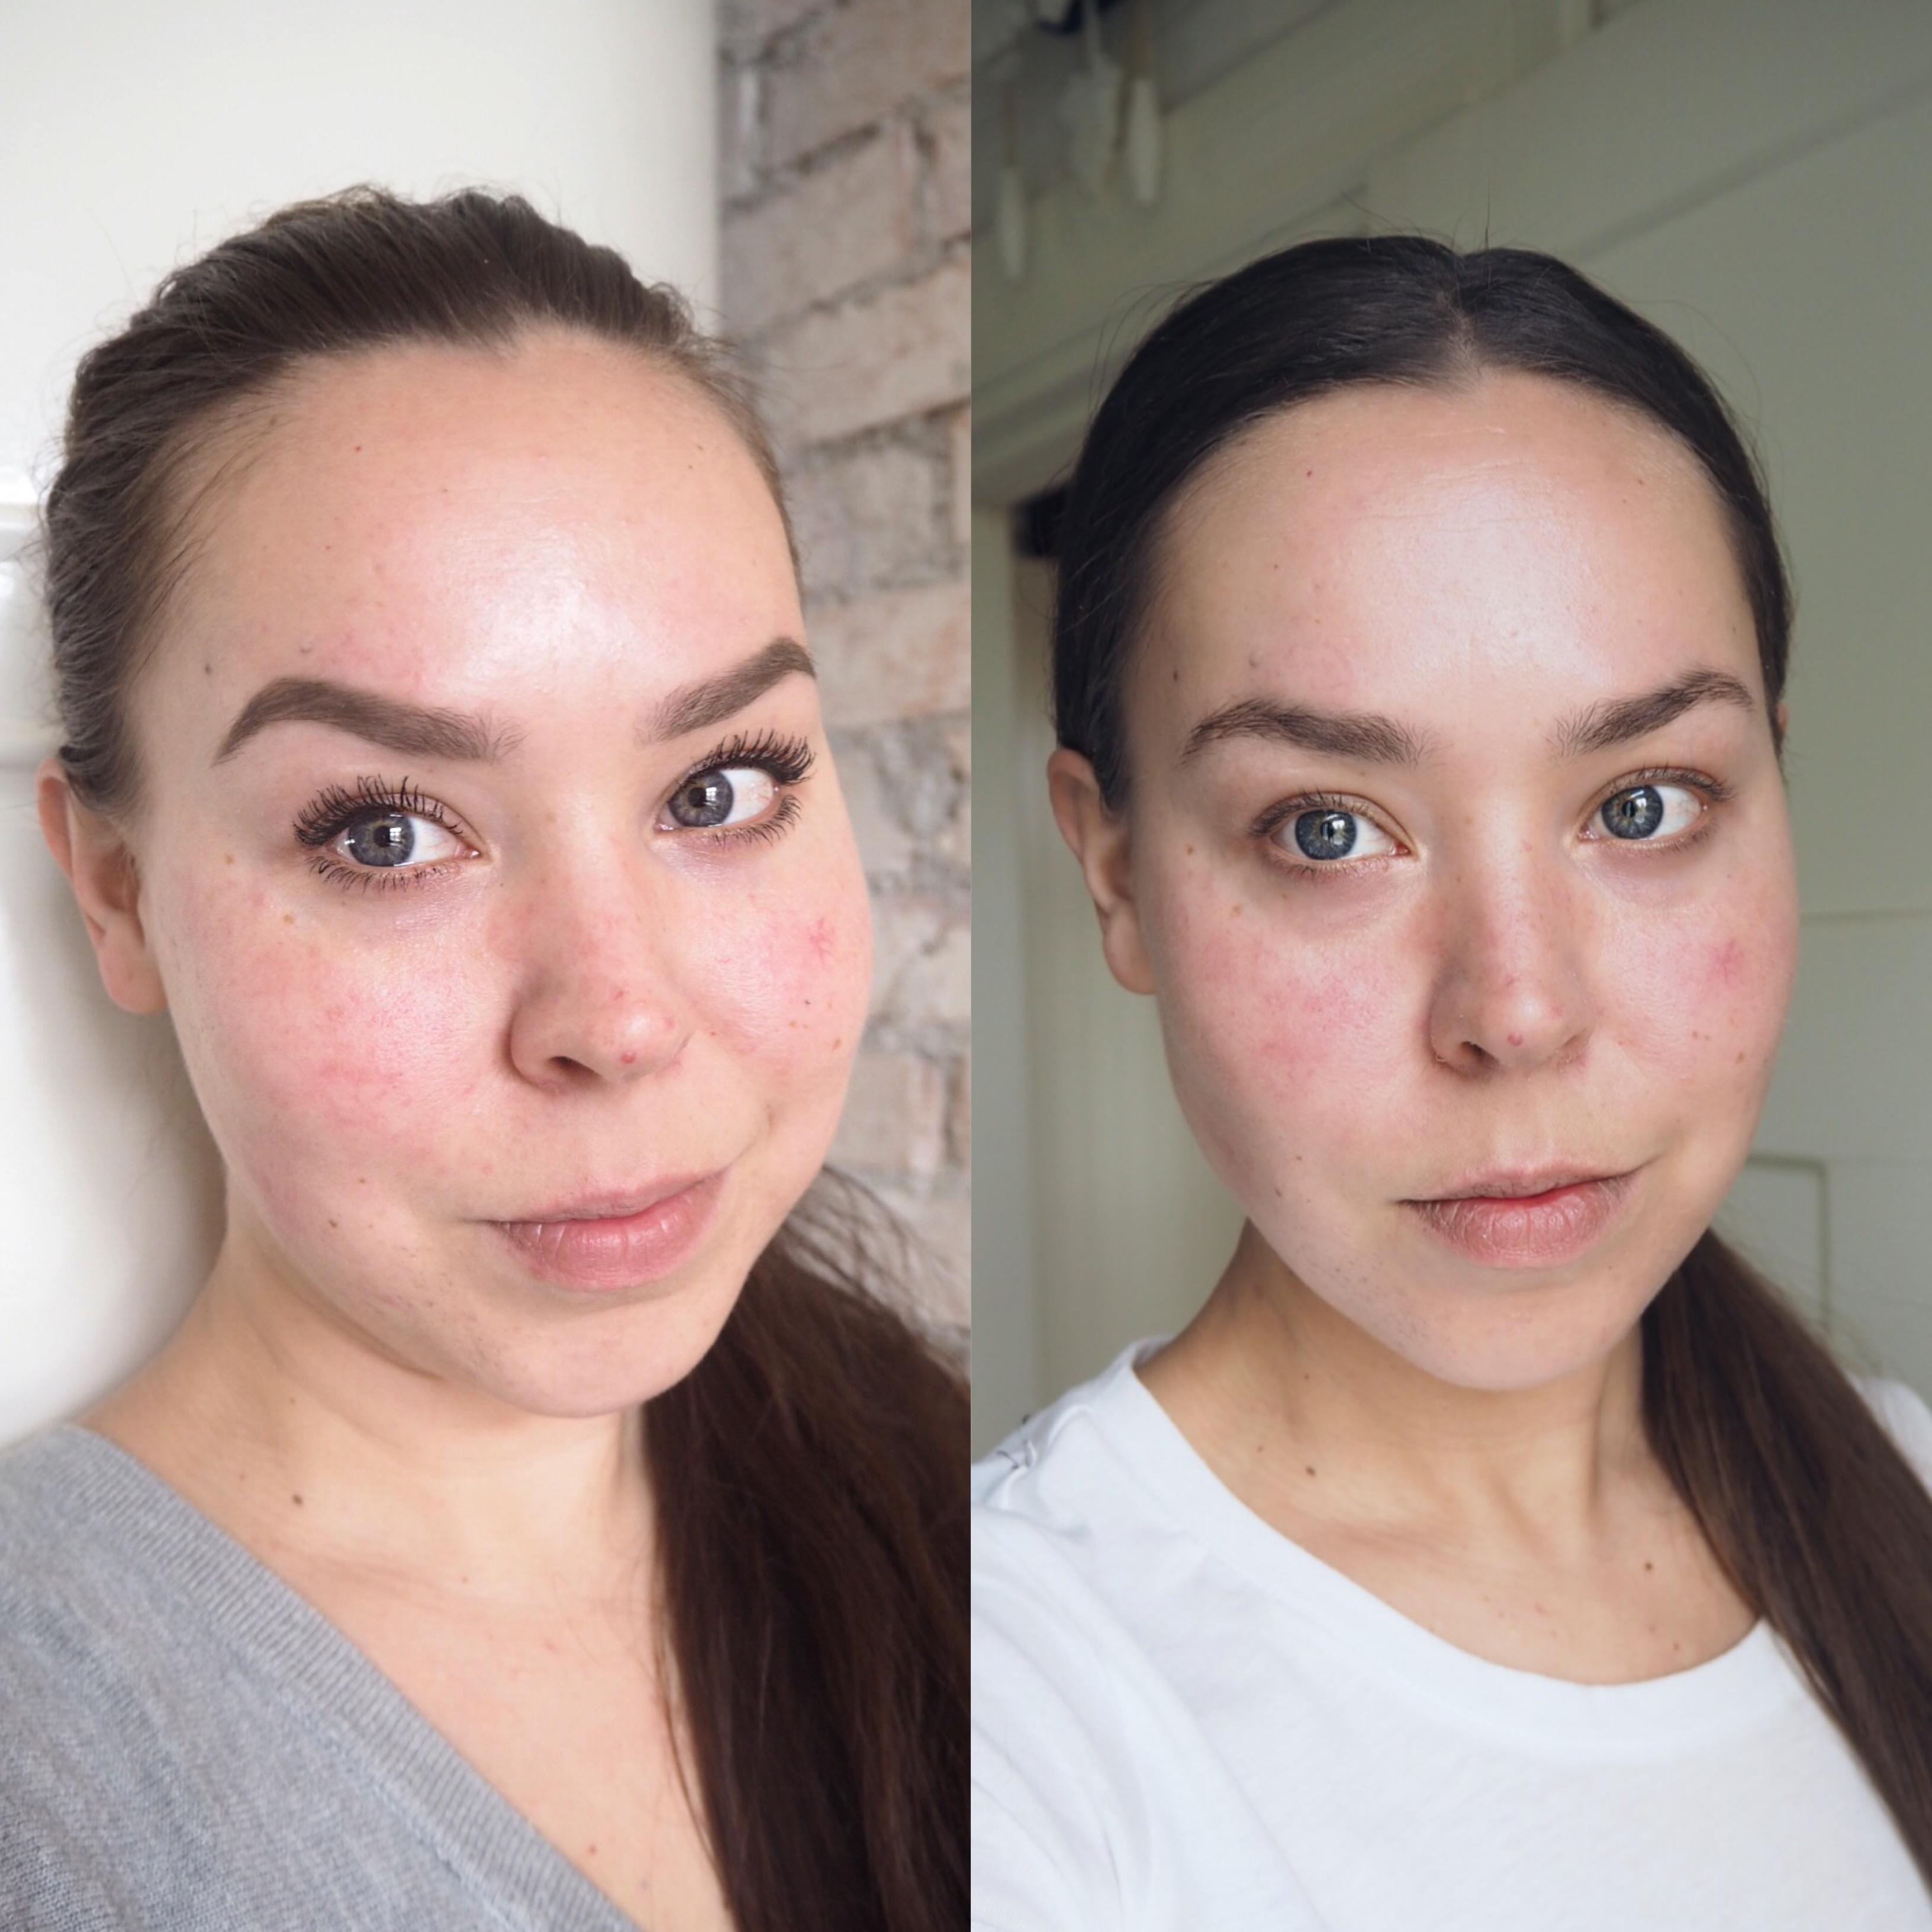 ilman meikkiä ennen ja jälkeen